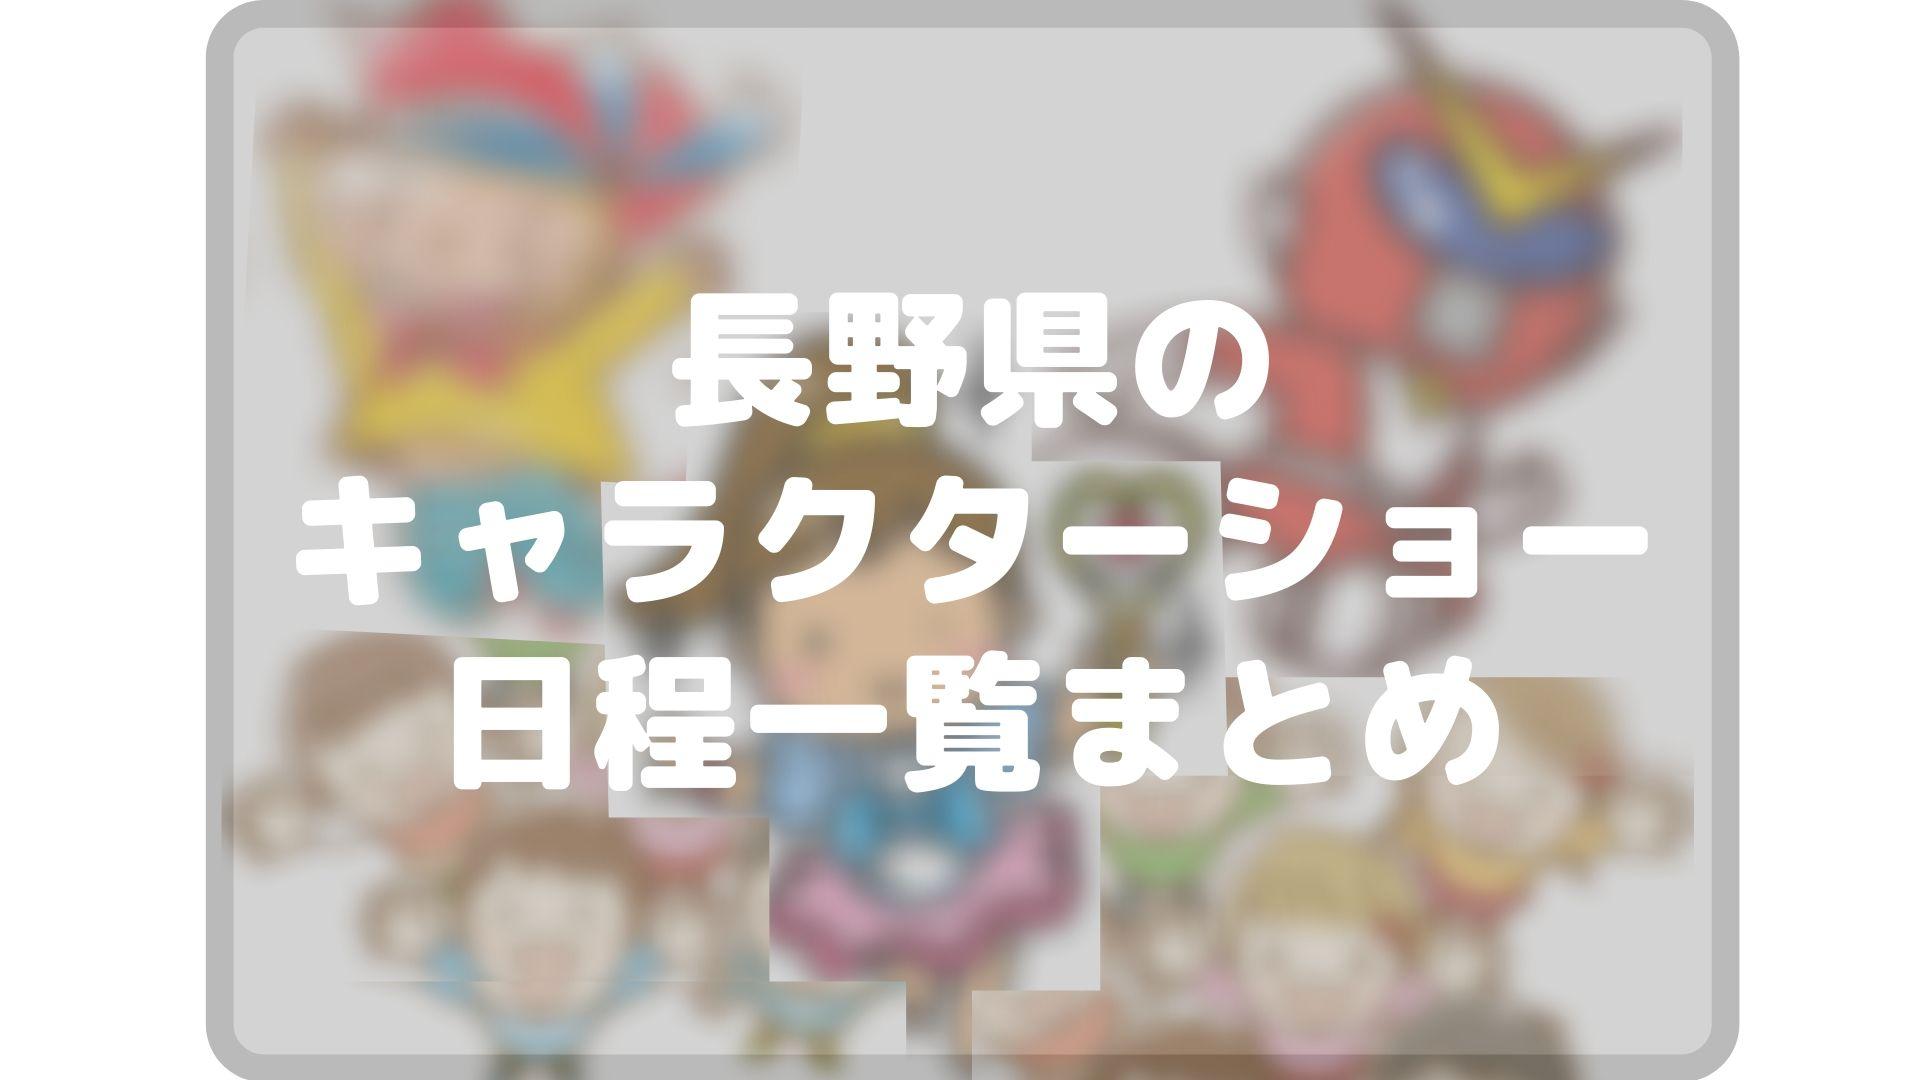 長野県のキャラクターショーまとめタイトル画像